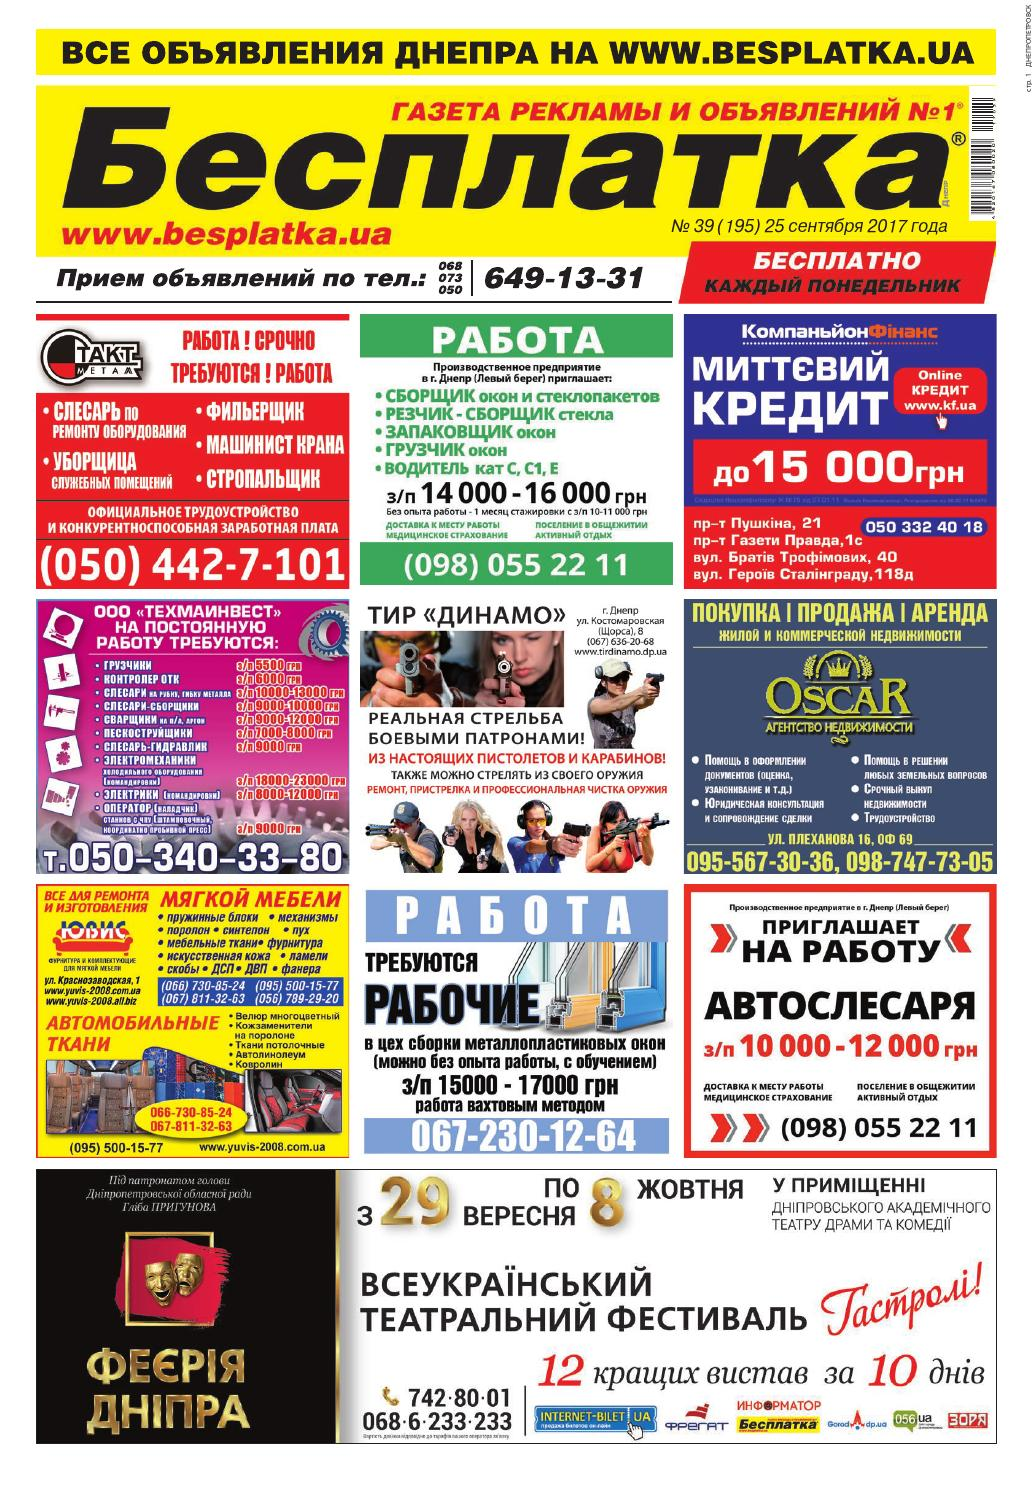 Инструкция по охране труда для машиниста погрузчика унц 201